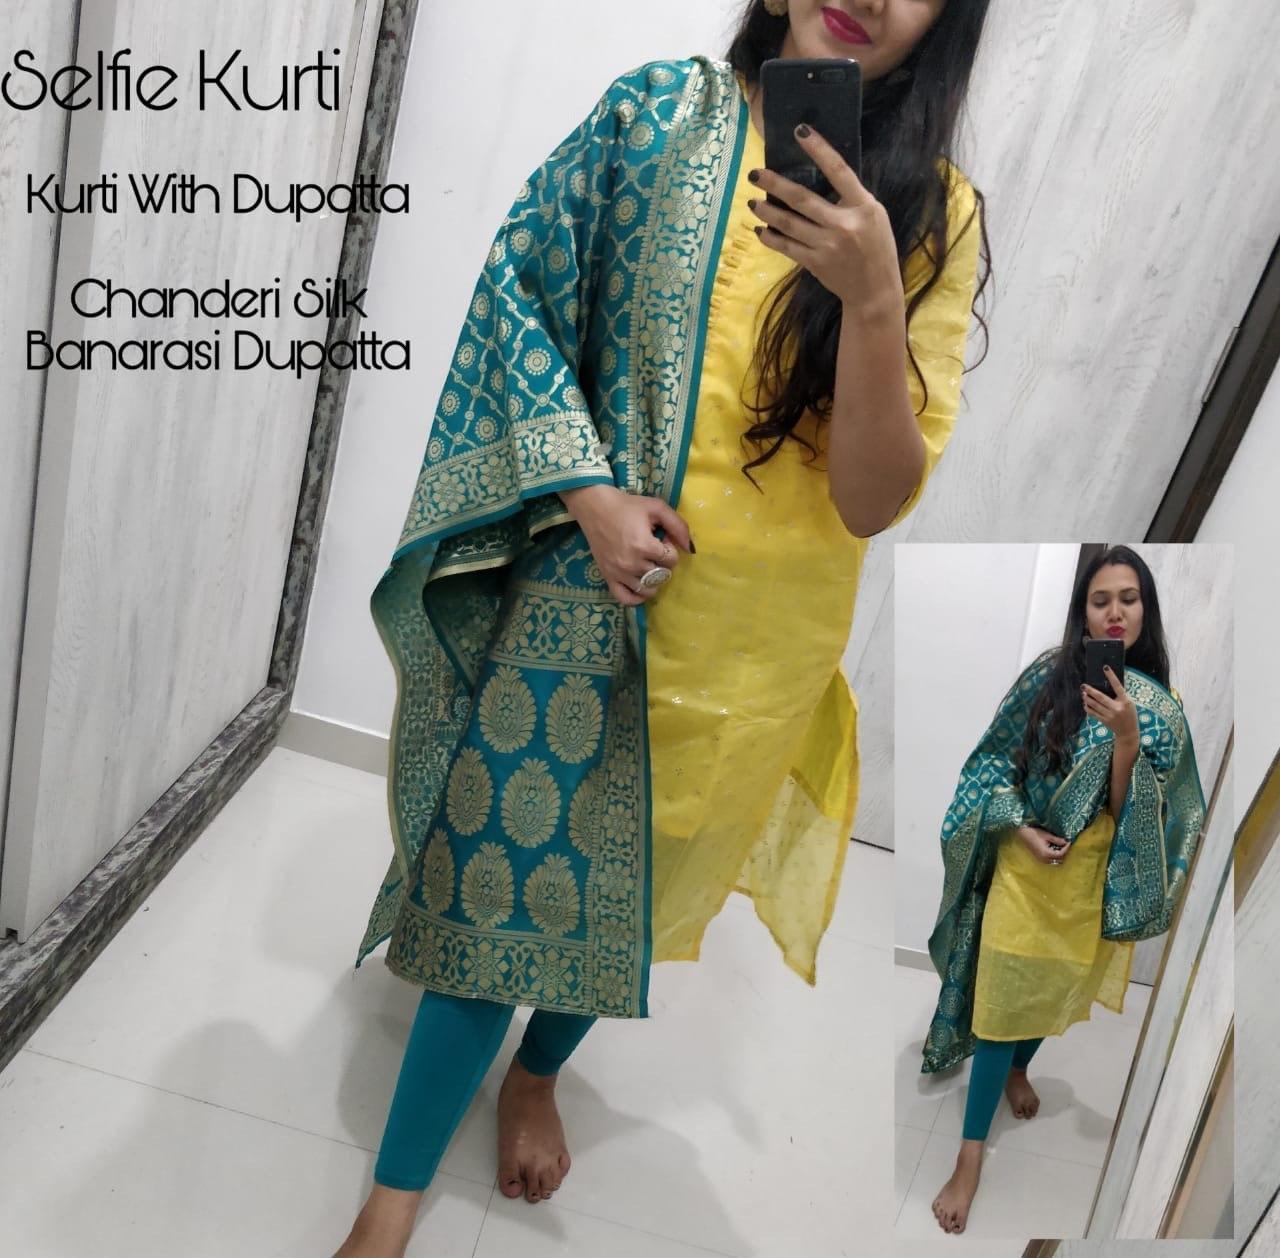 Chanderi kurti